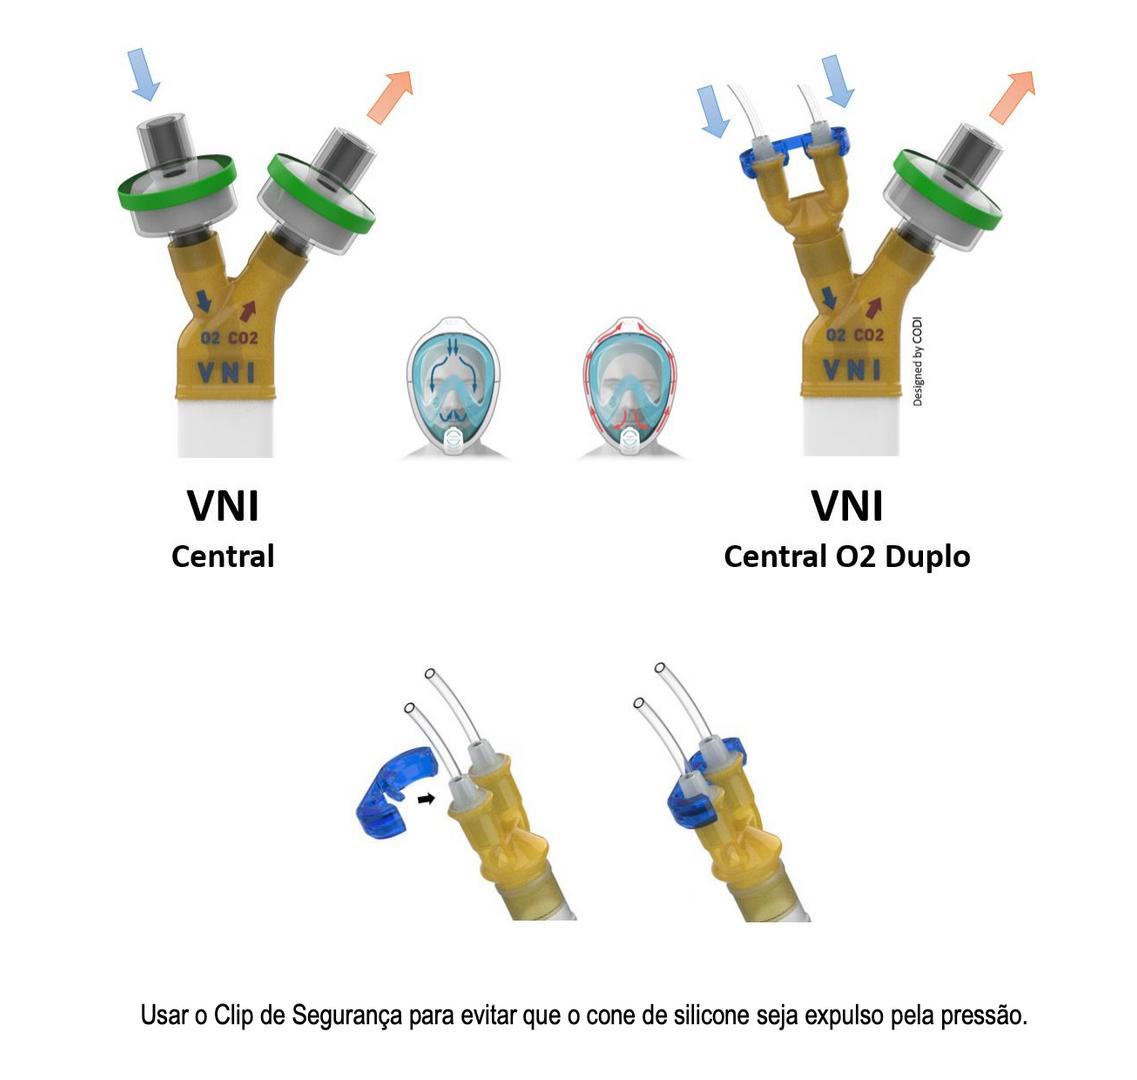 máscara de VNI (Peça Y - CODI)